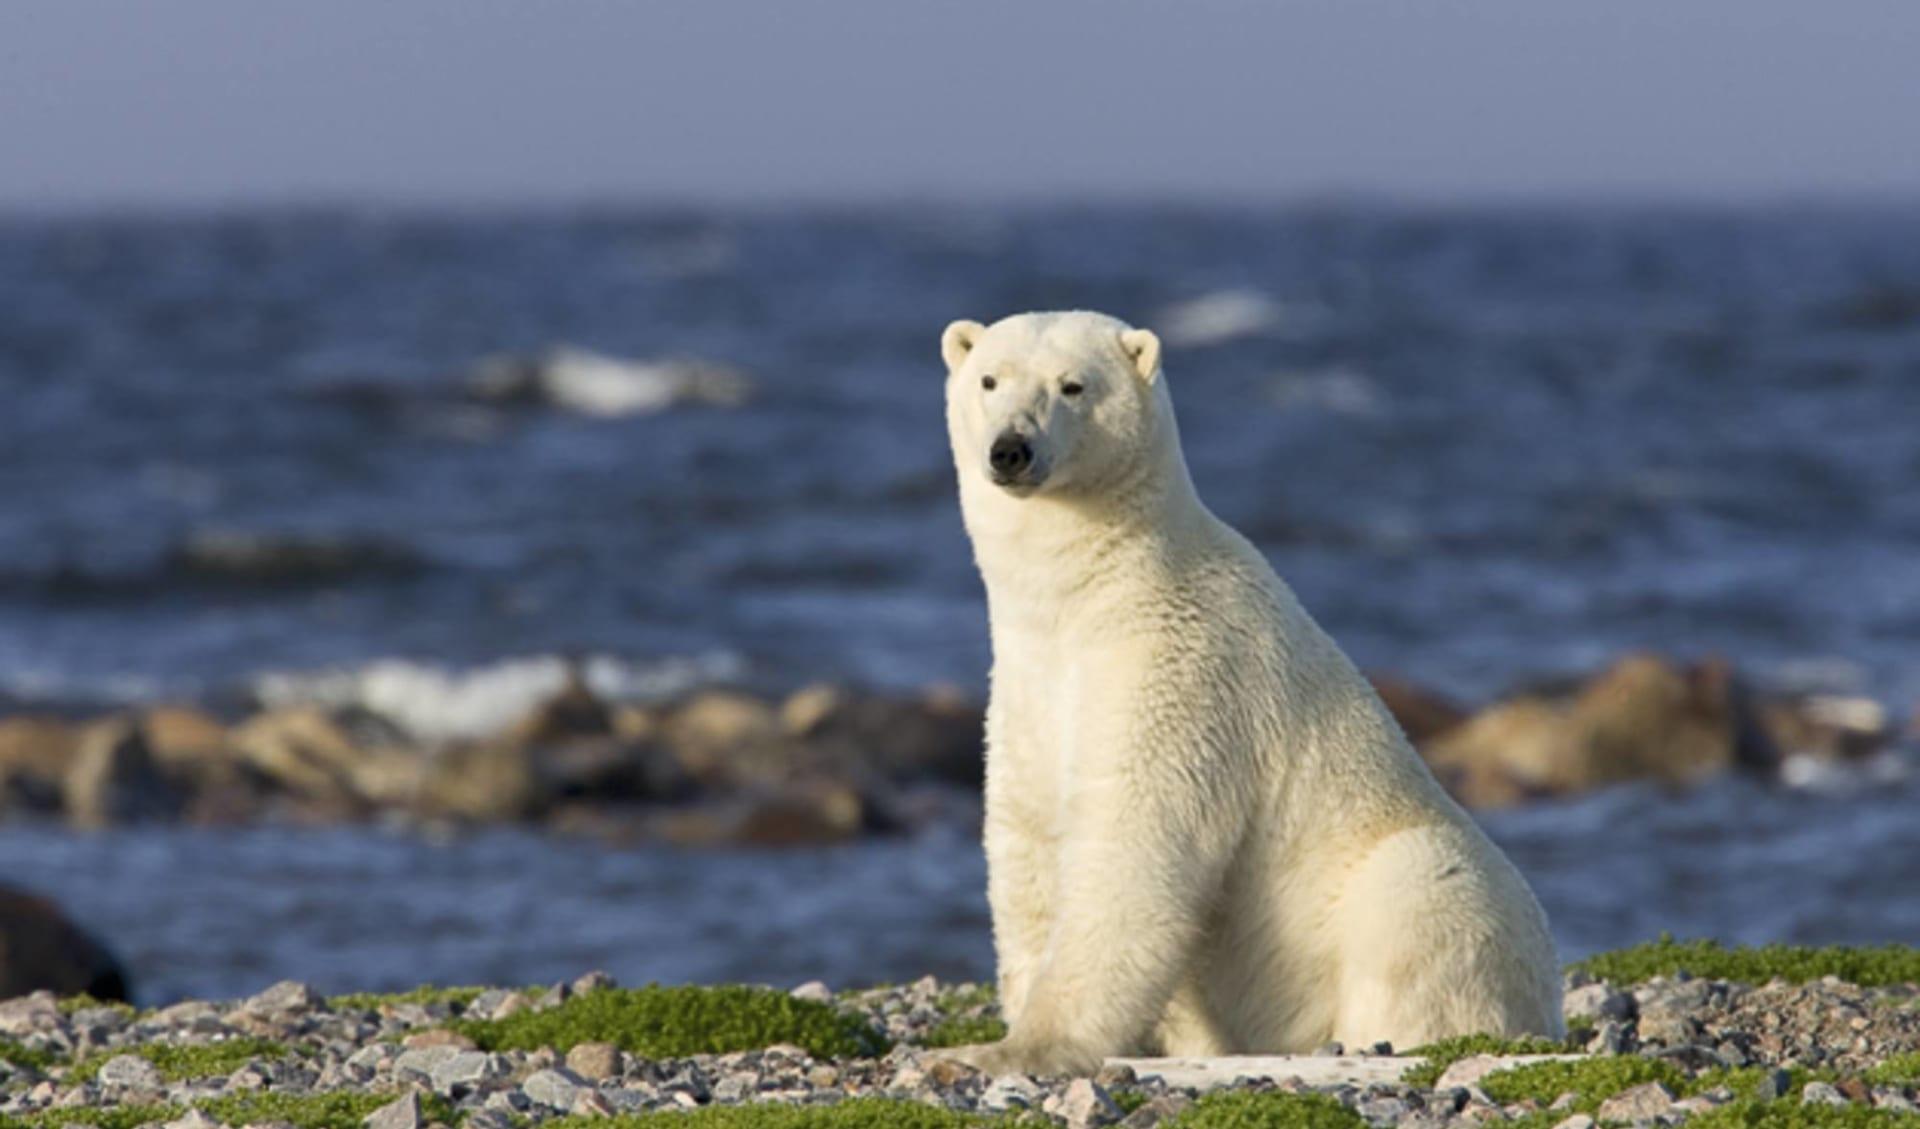 Belugawale & Eisbären Im Sommer ab Winnipeg: Kanada - Manitoba - Eisbär sitzend